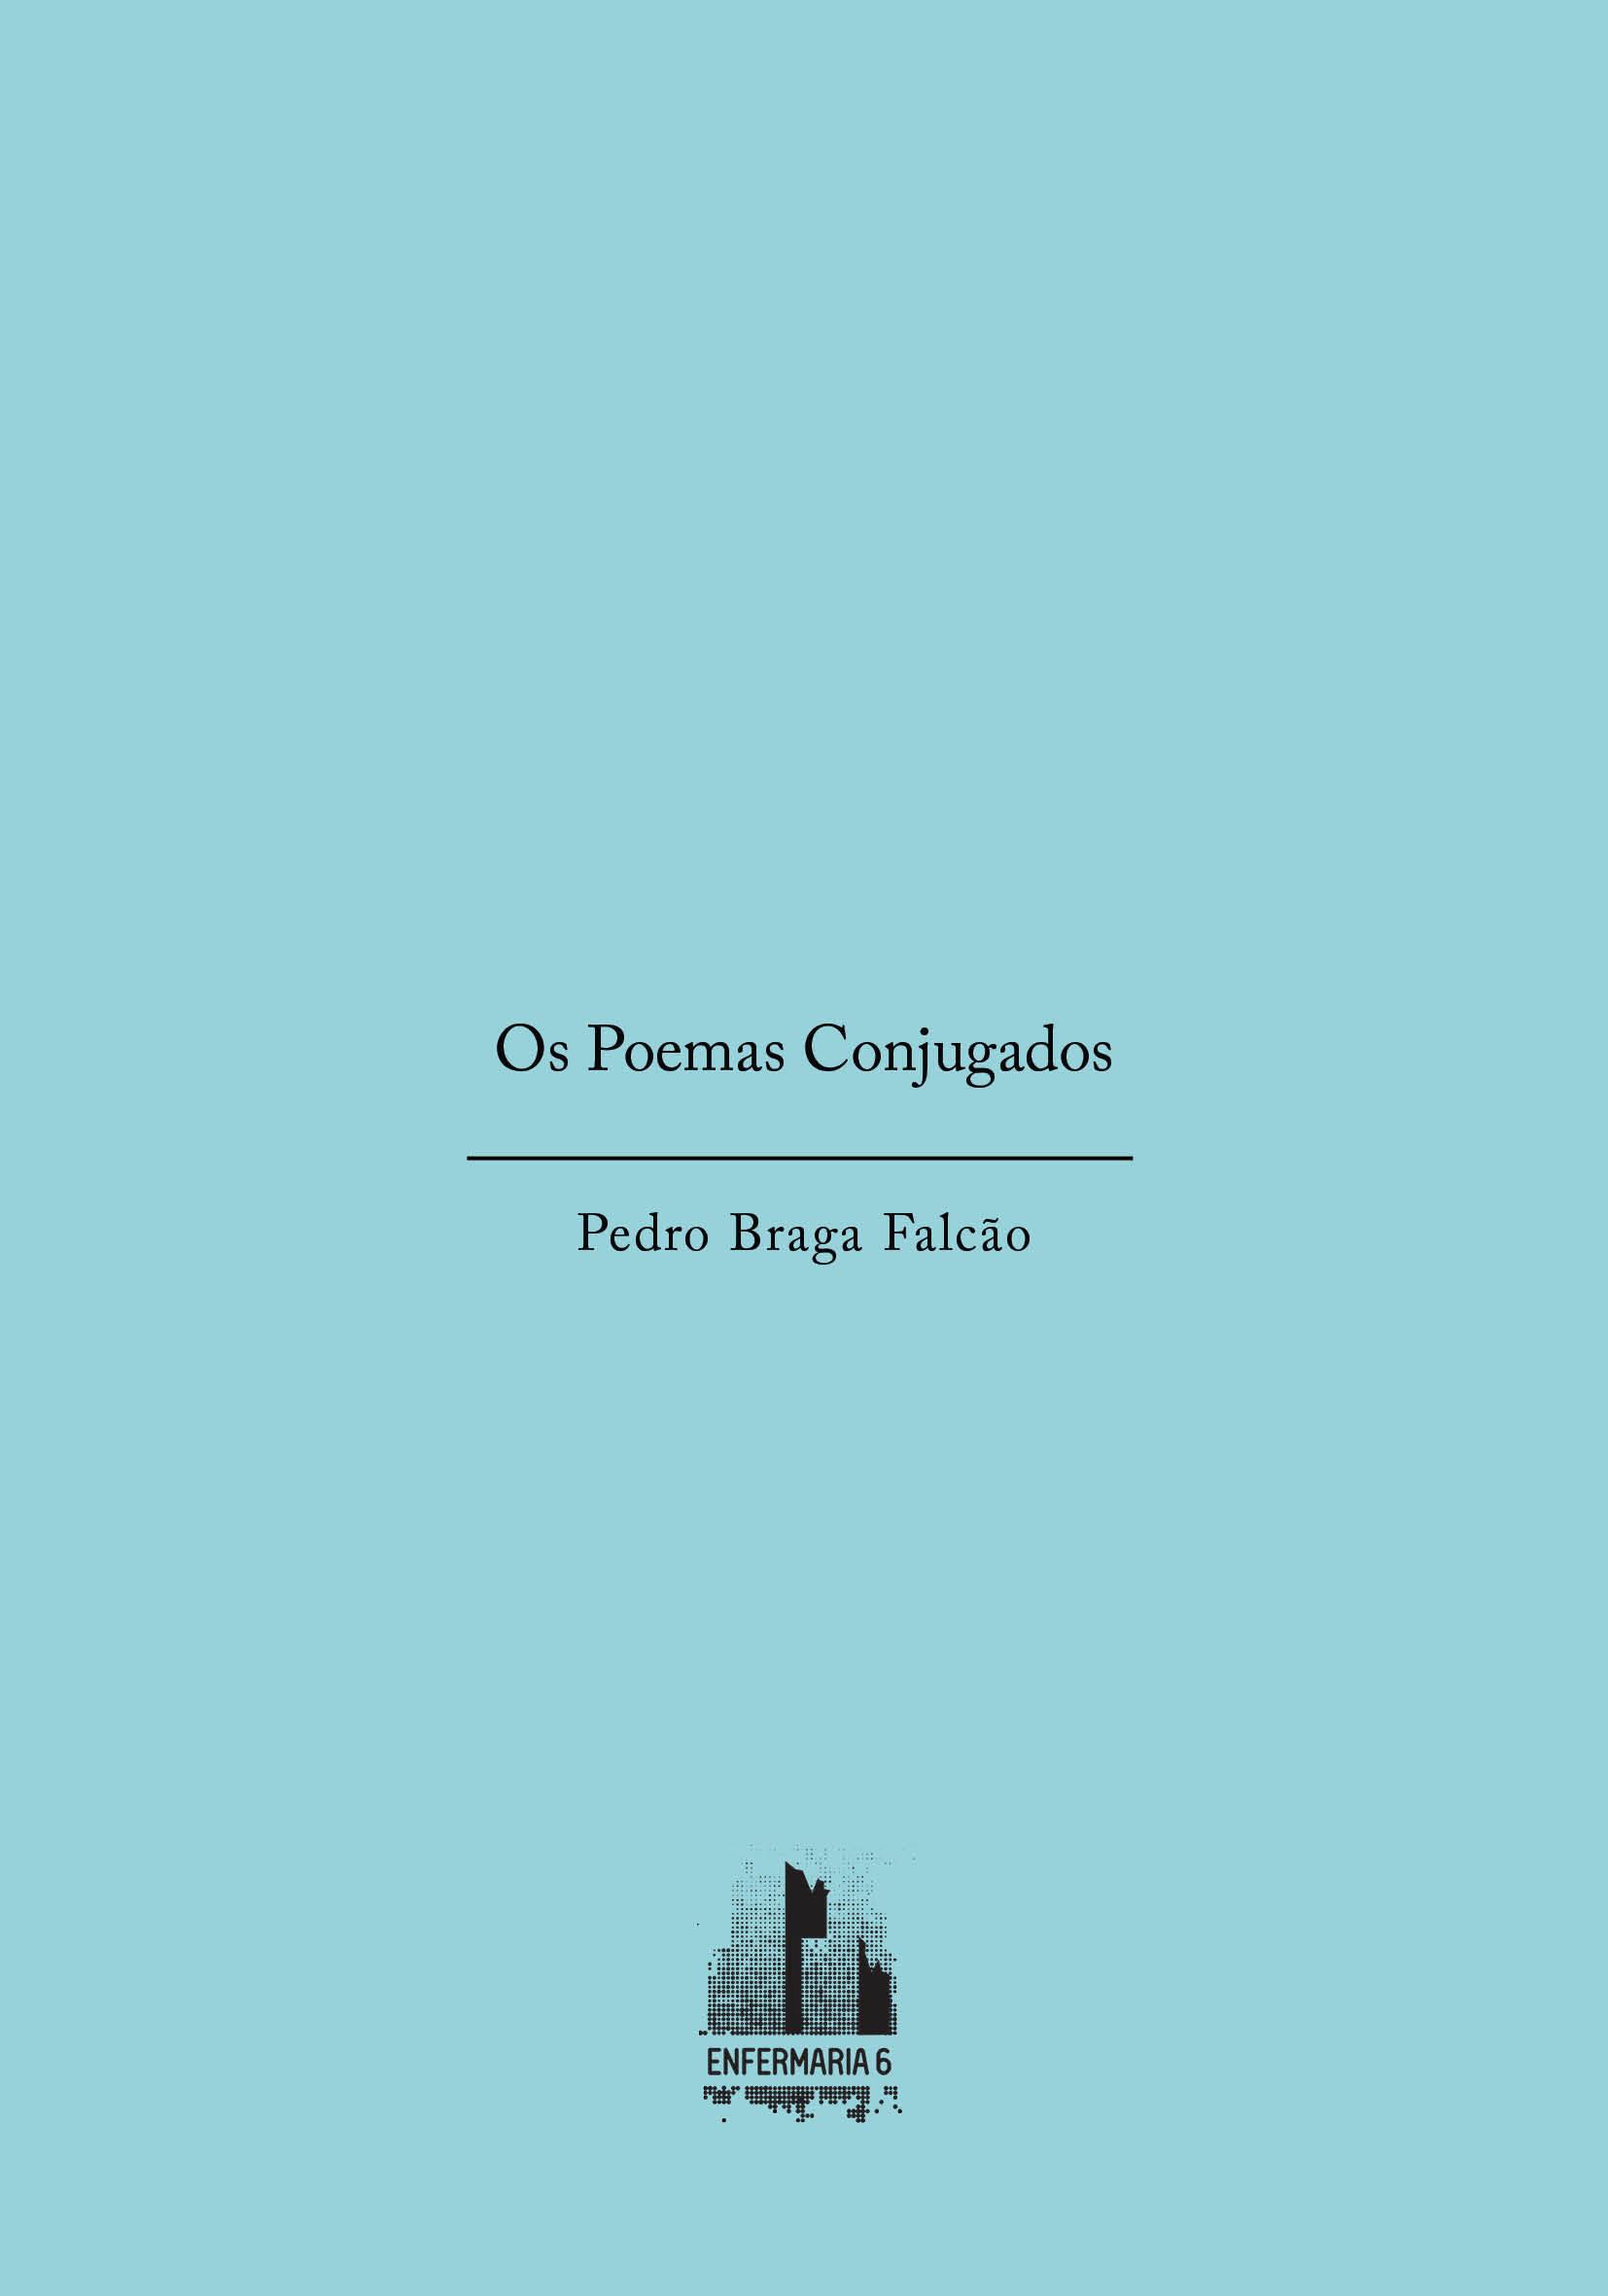 Pedro Braga FalcãoOs Poemas Conjugados - Enfermaria 6, Lisboa,fevereiro de 201844 ppOs textos desta publicação digital integram o livro Os Poemas Fingidos, de Pedro Braga Falcão